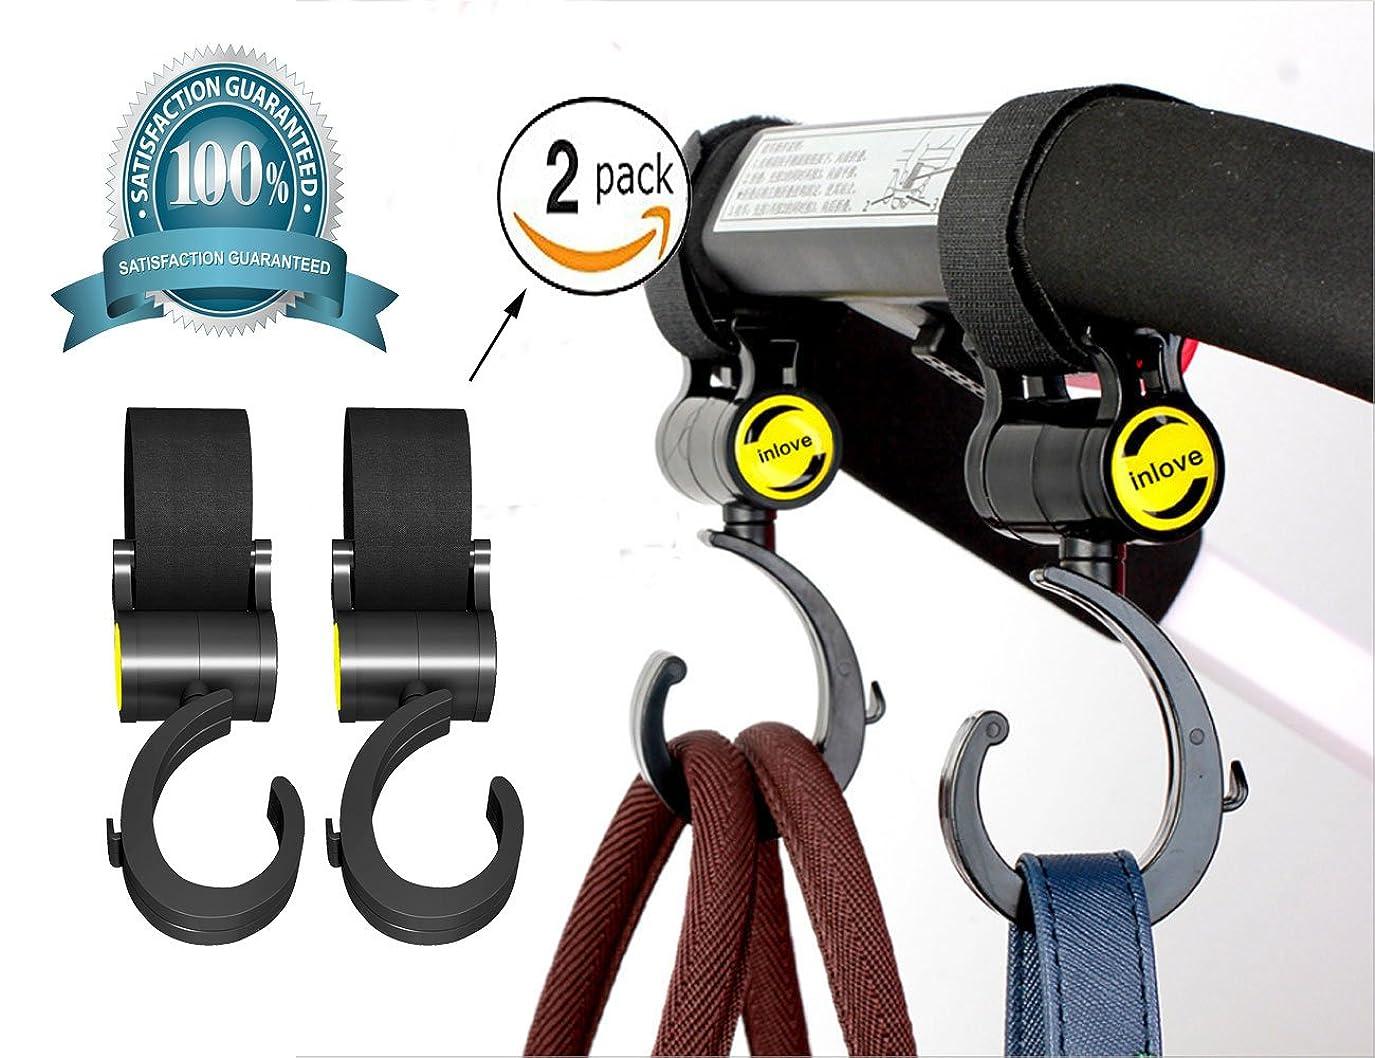 余剰大惨事降ろすベビーカーフック マルチフック 360°回転 両手を解放 多功能 荷物フック 自転車のハンドルやスーツケースや車にも使える 2個セット